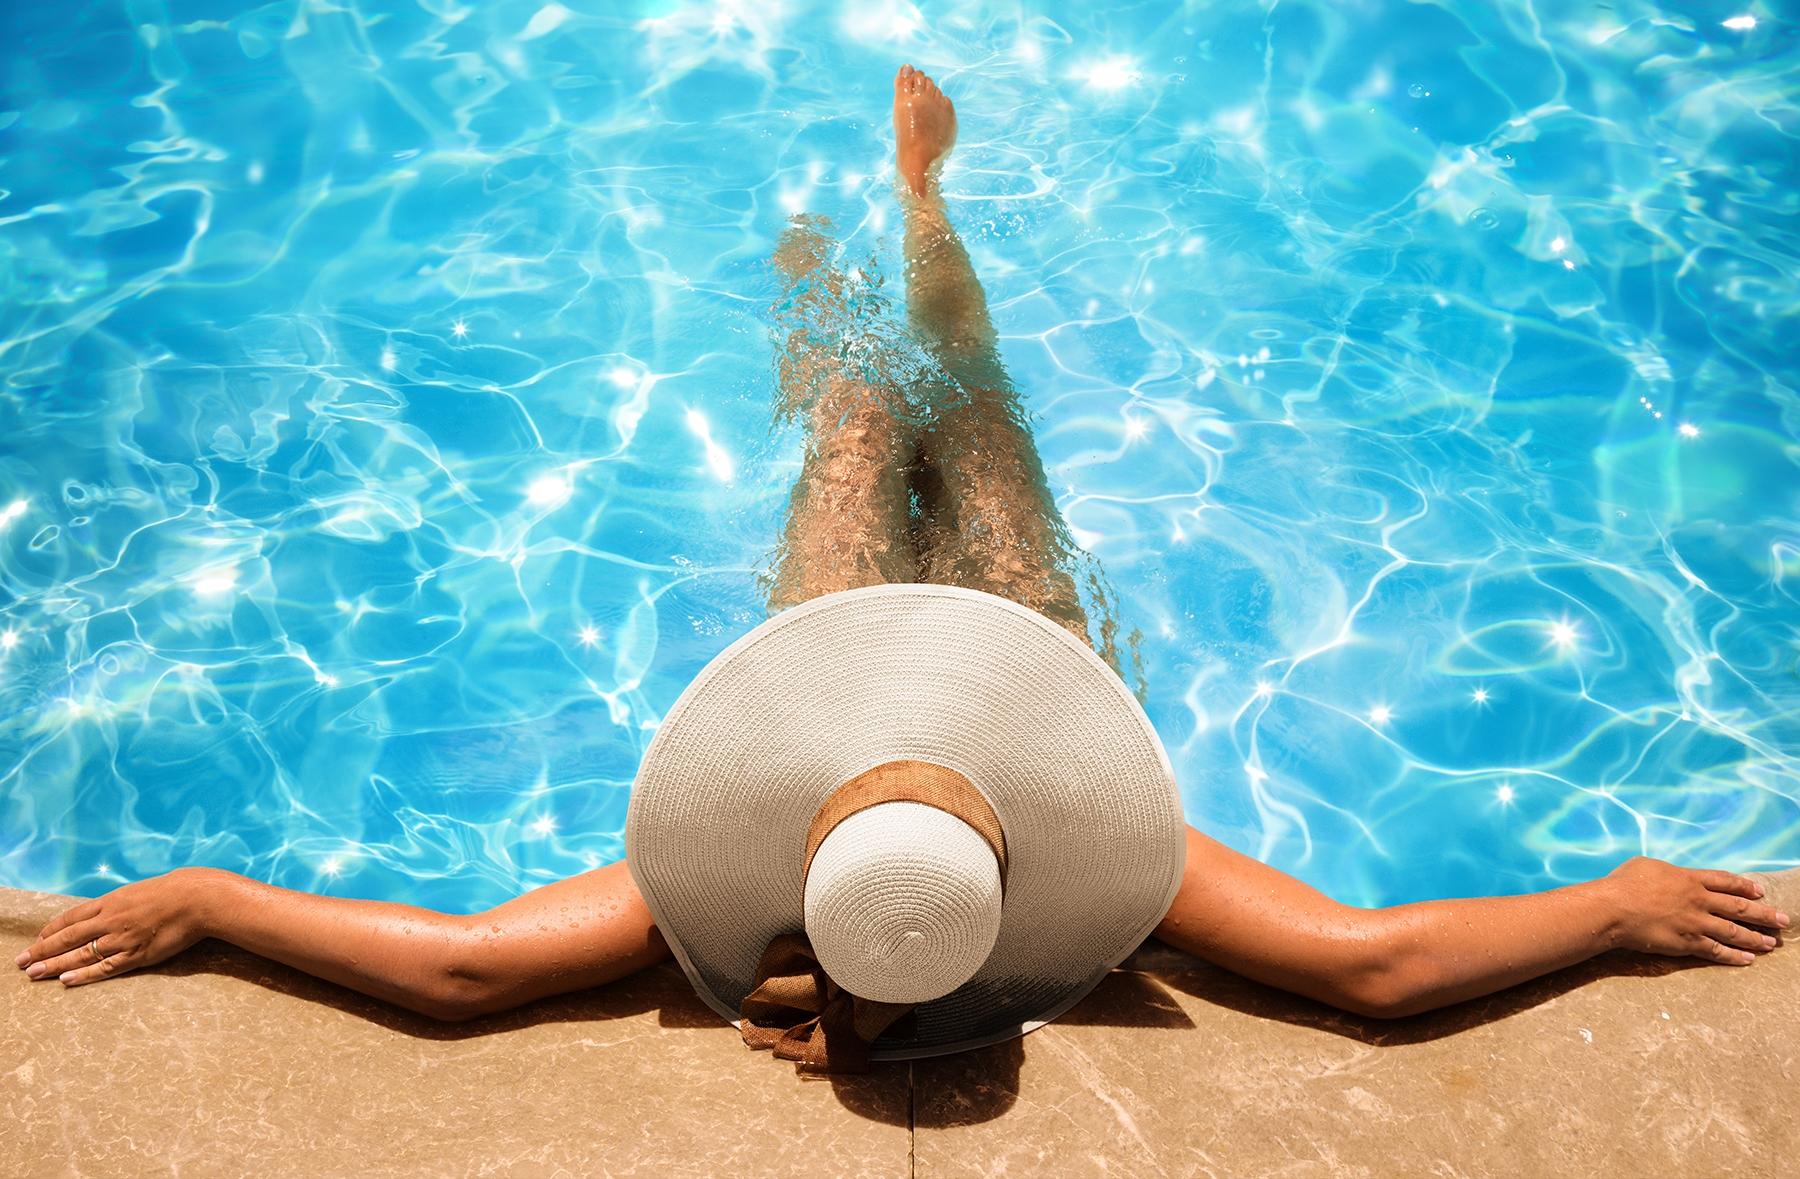 как очистить воду в бассейне полисептом